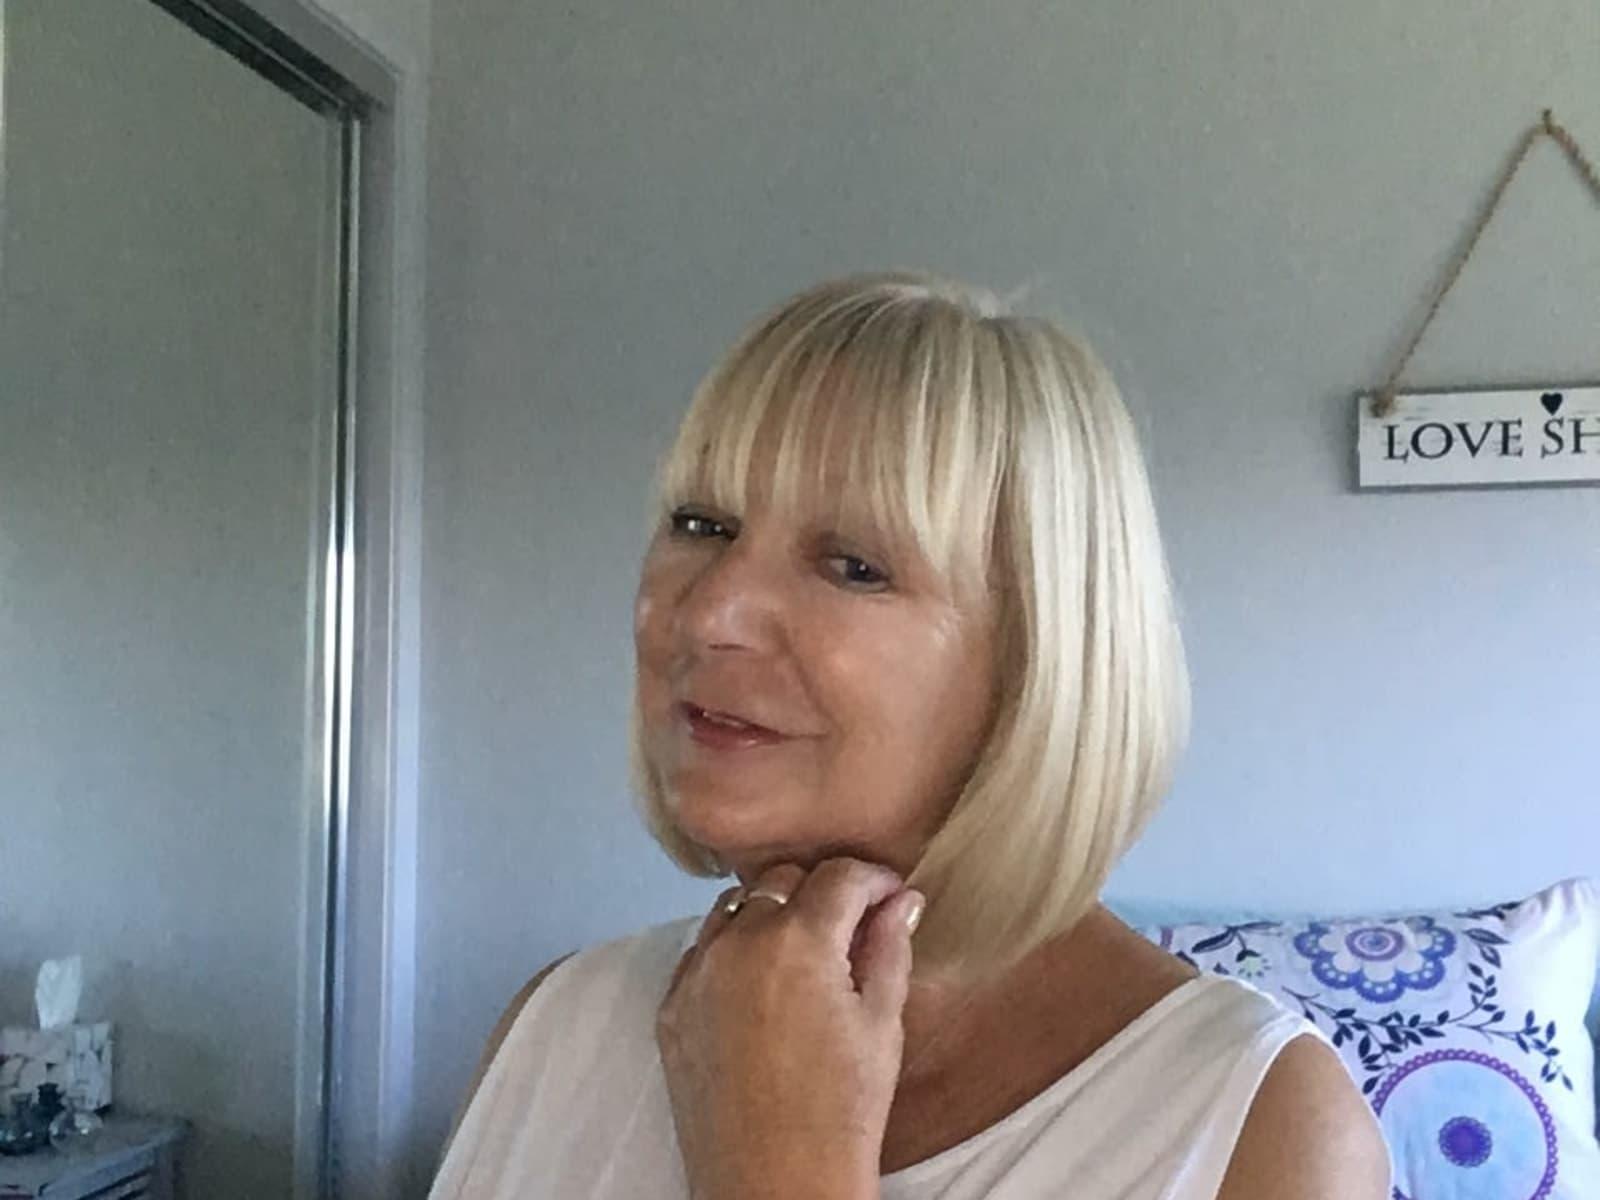 Elizabeth from Edinburgh, United Kingdom